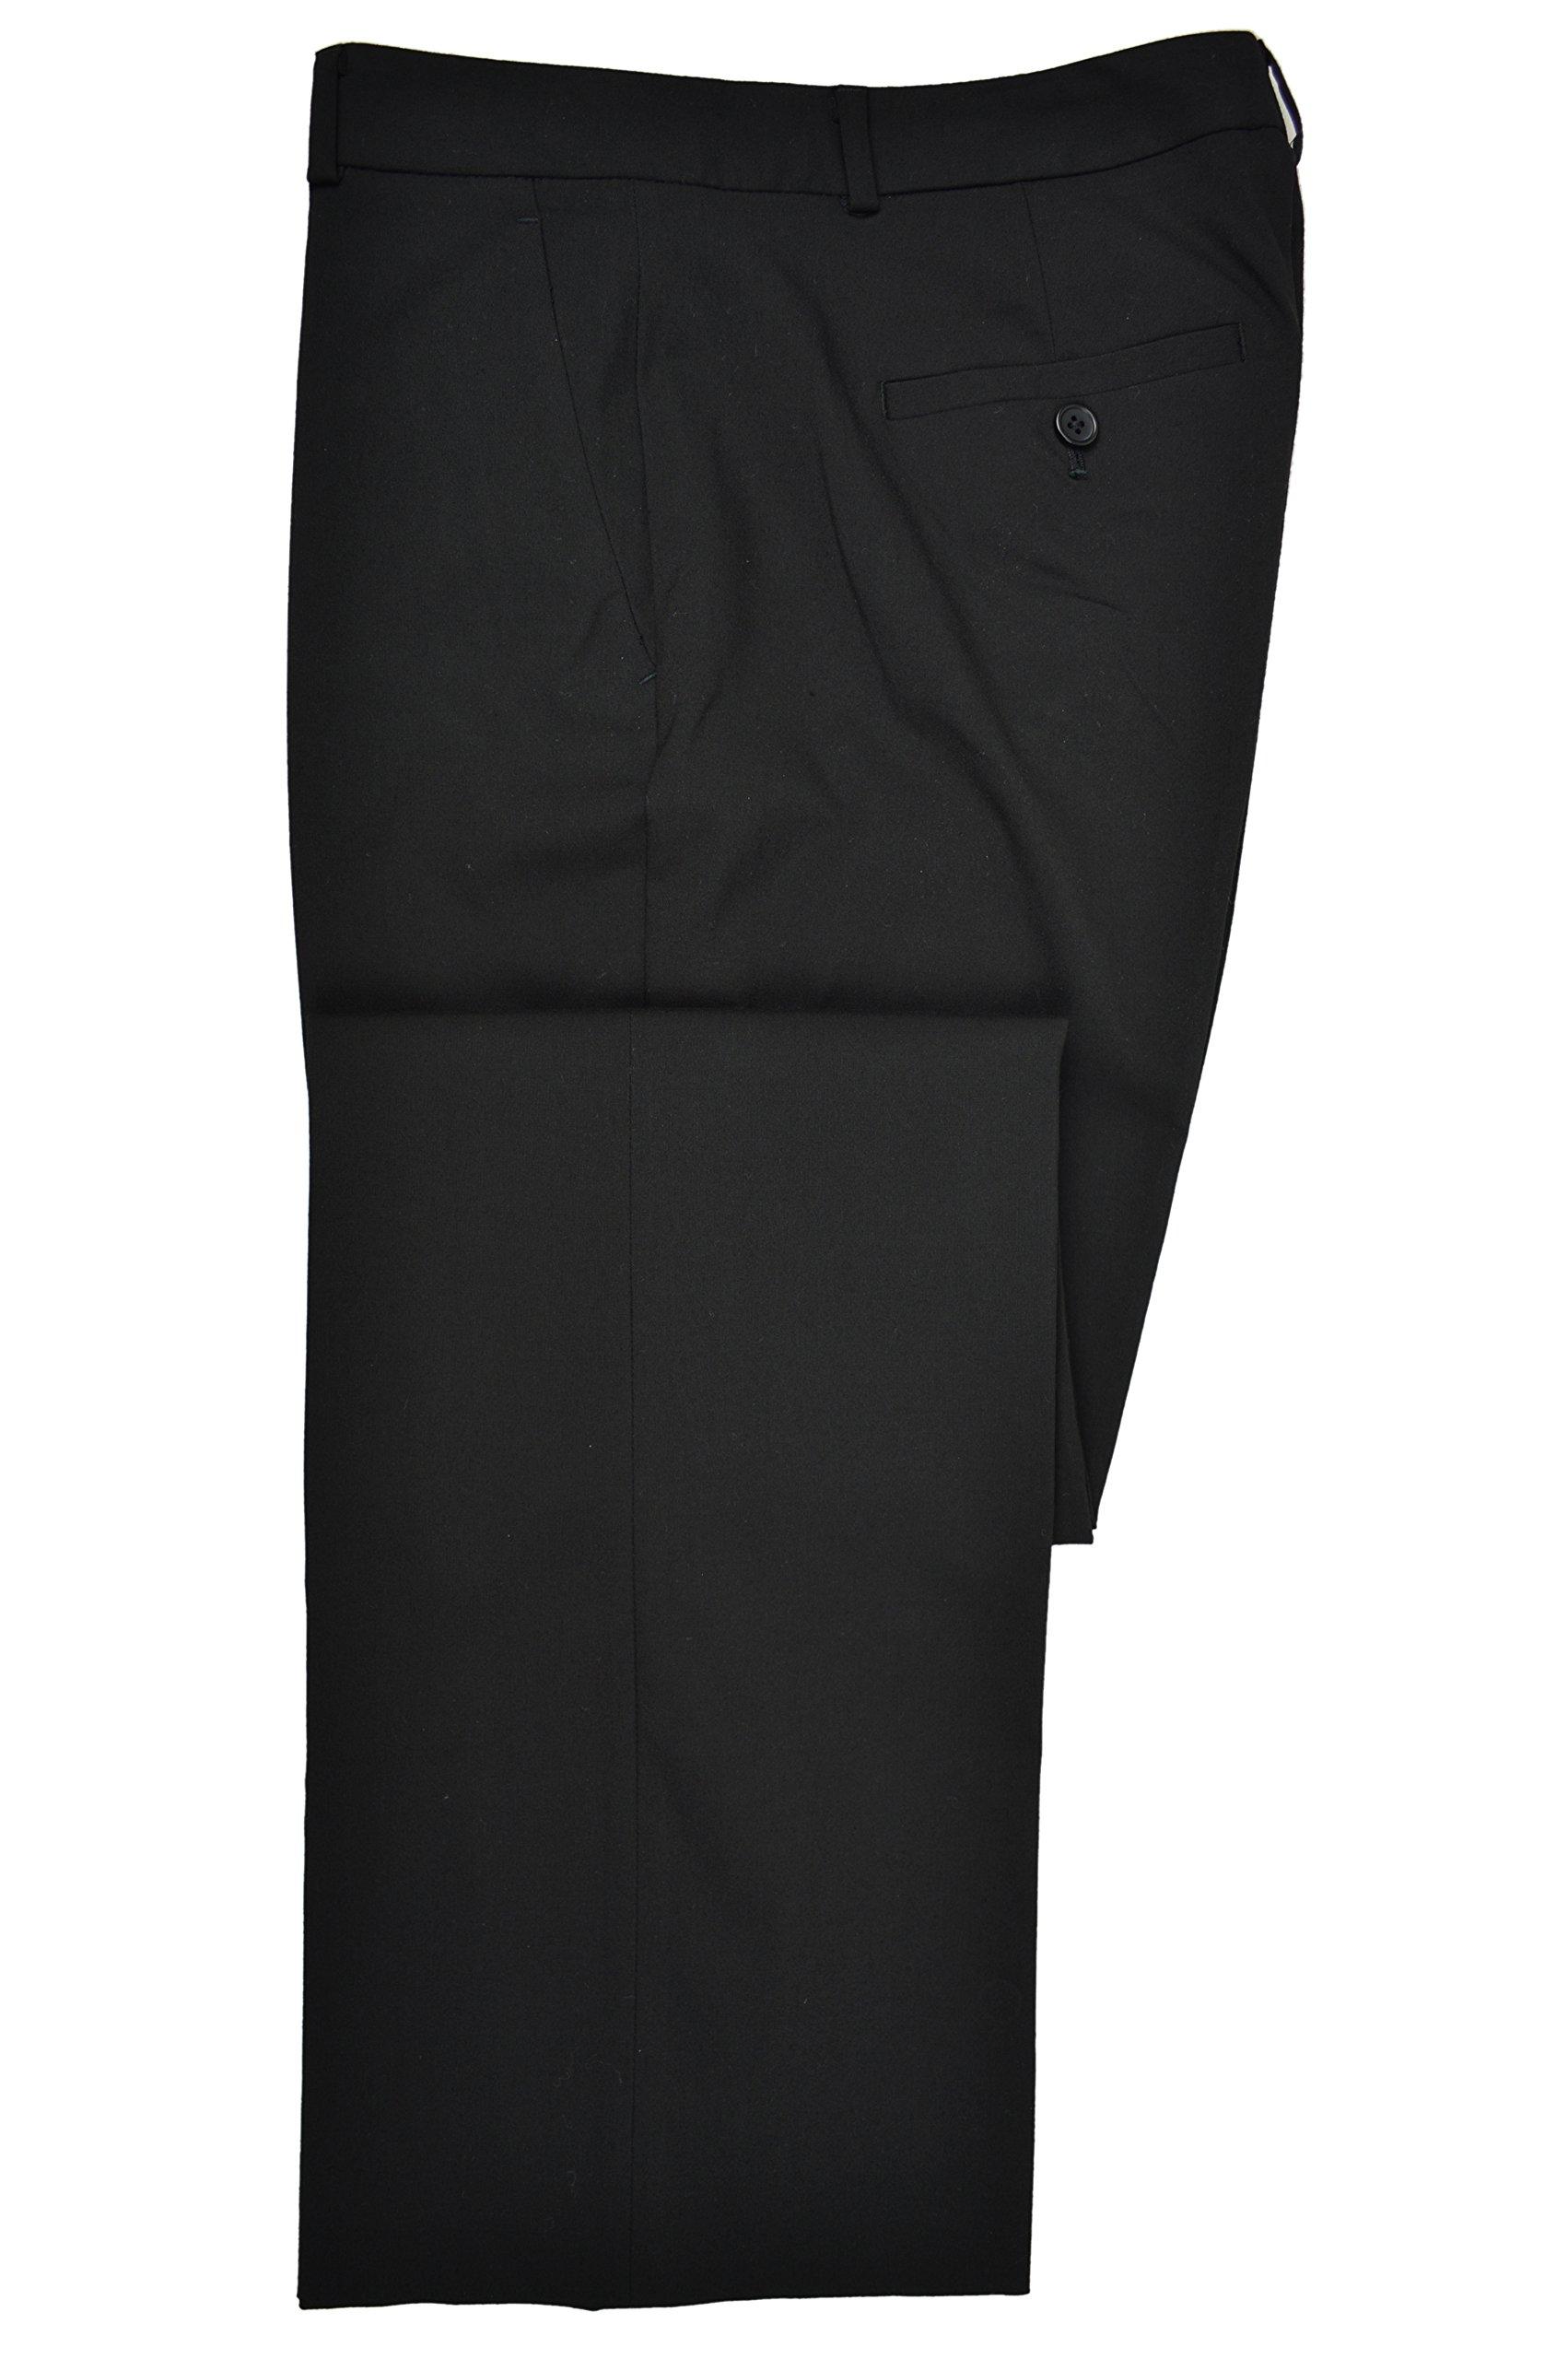 Banana Republic Women's Jackson-Fit Classic Suit Trouser Black 6R